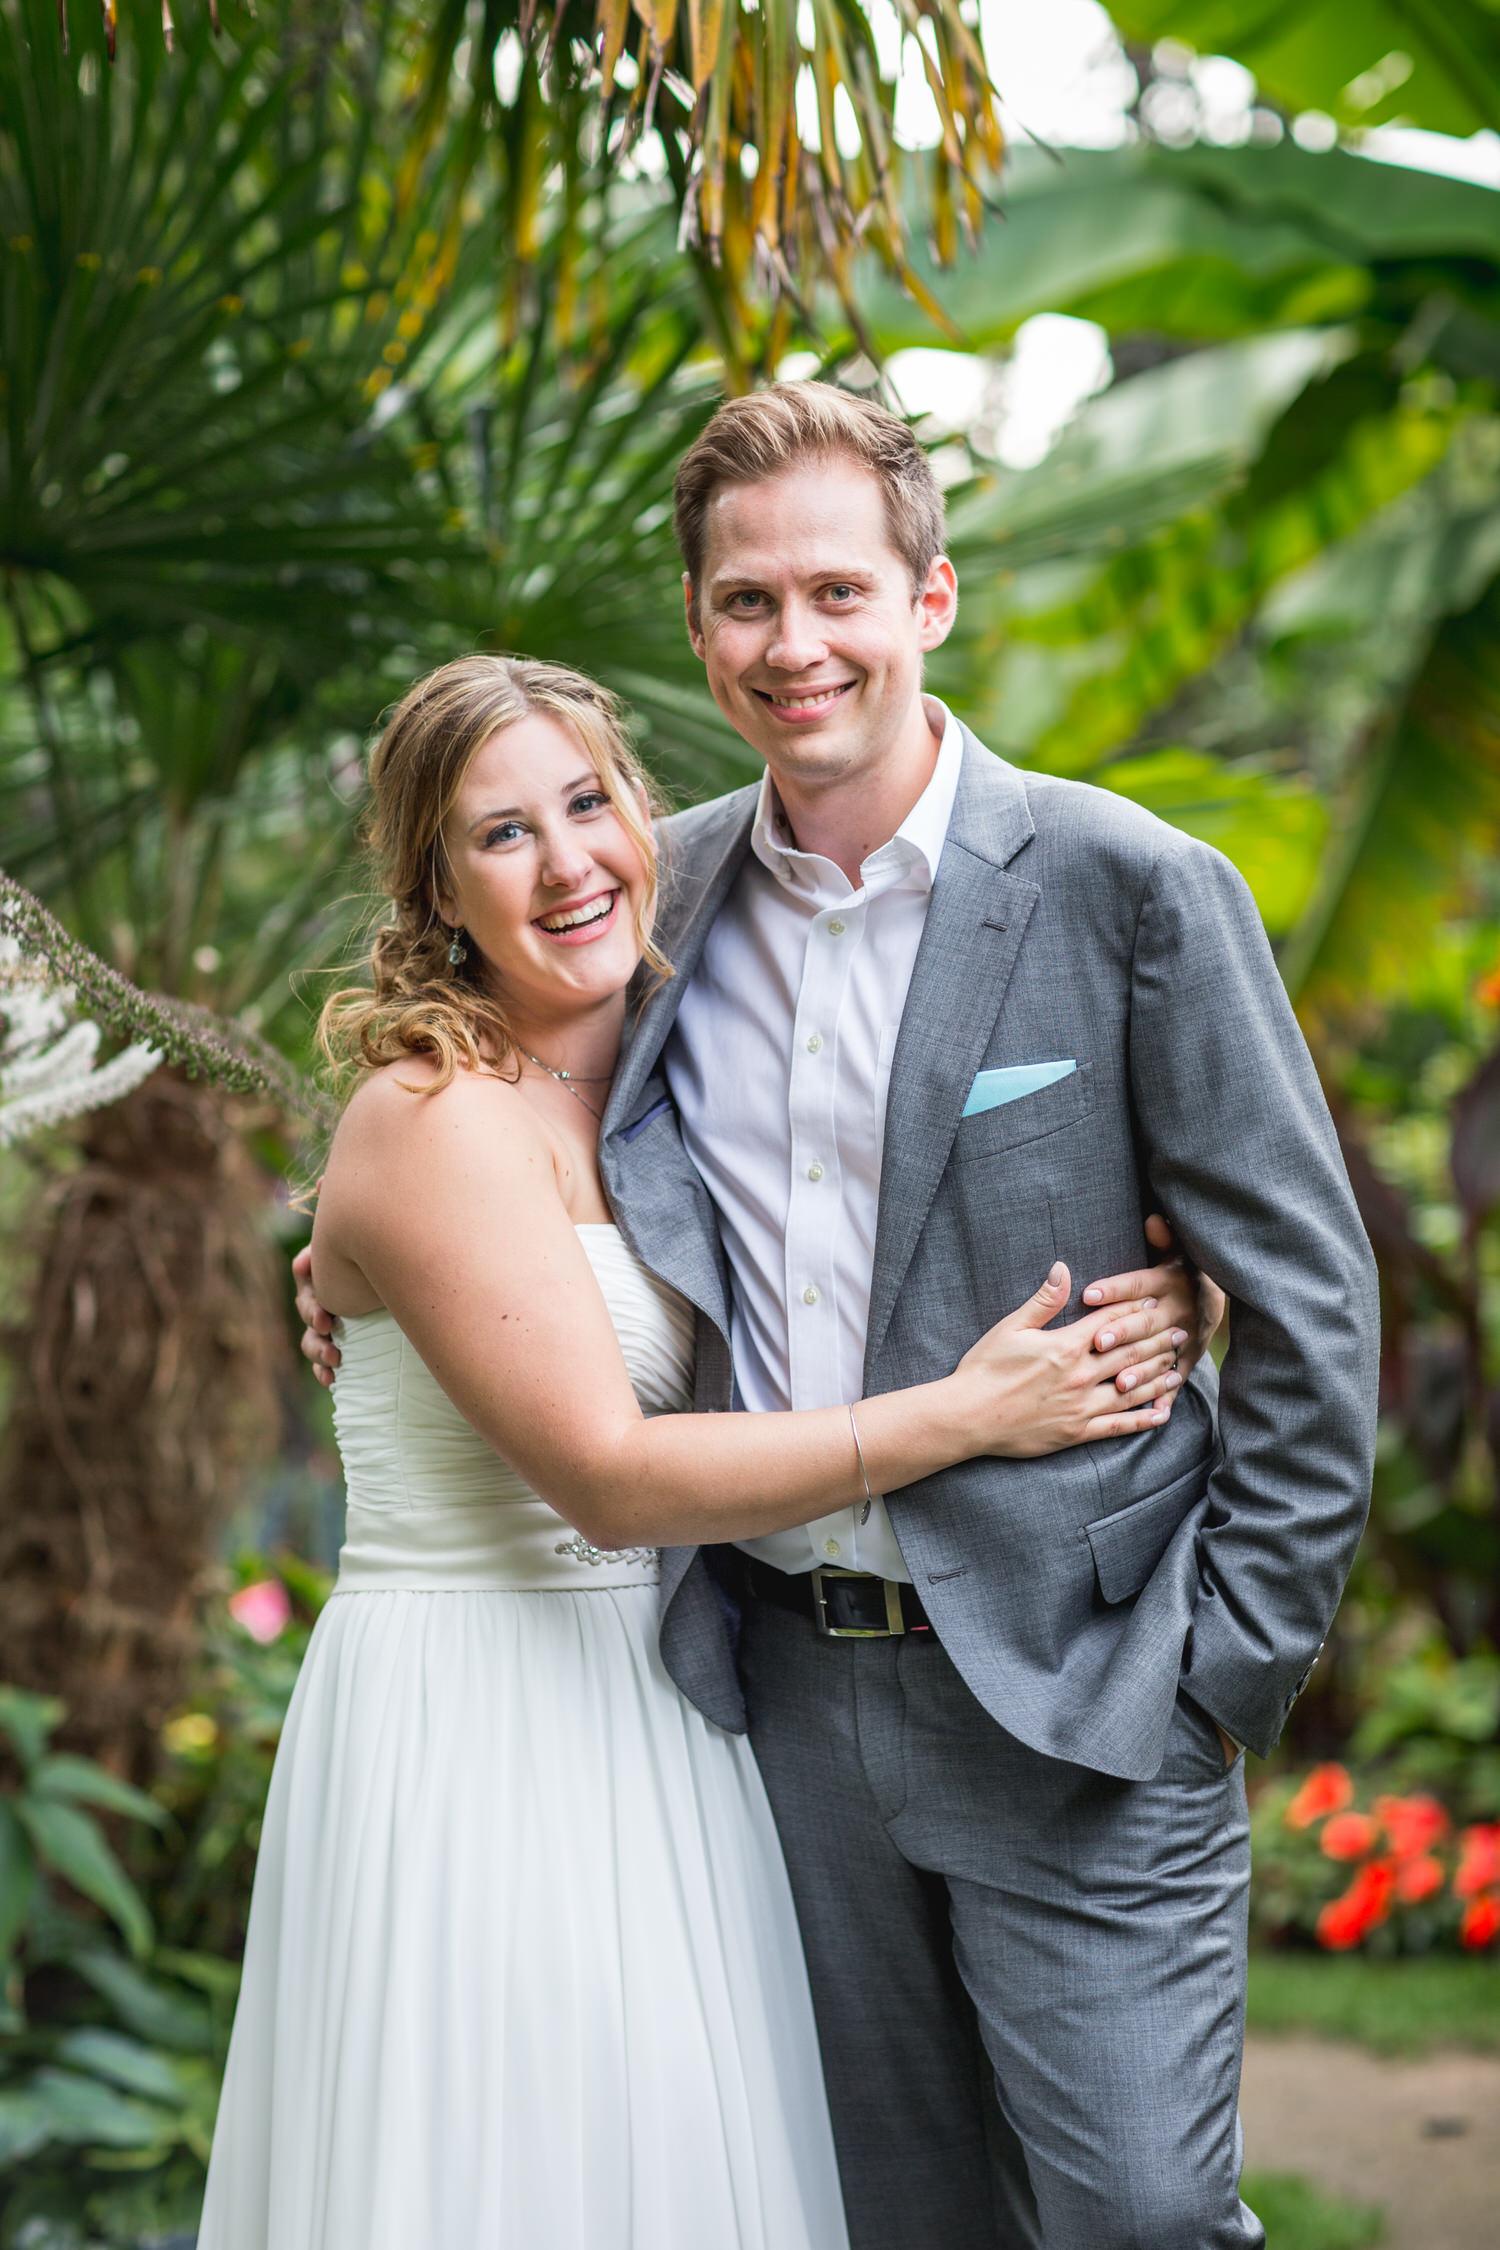 Bridal portraits at Centennial Beach